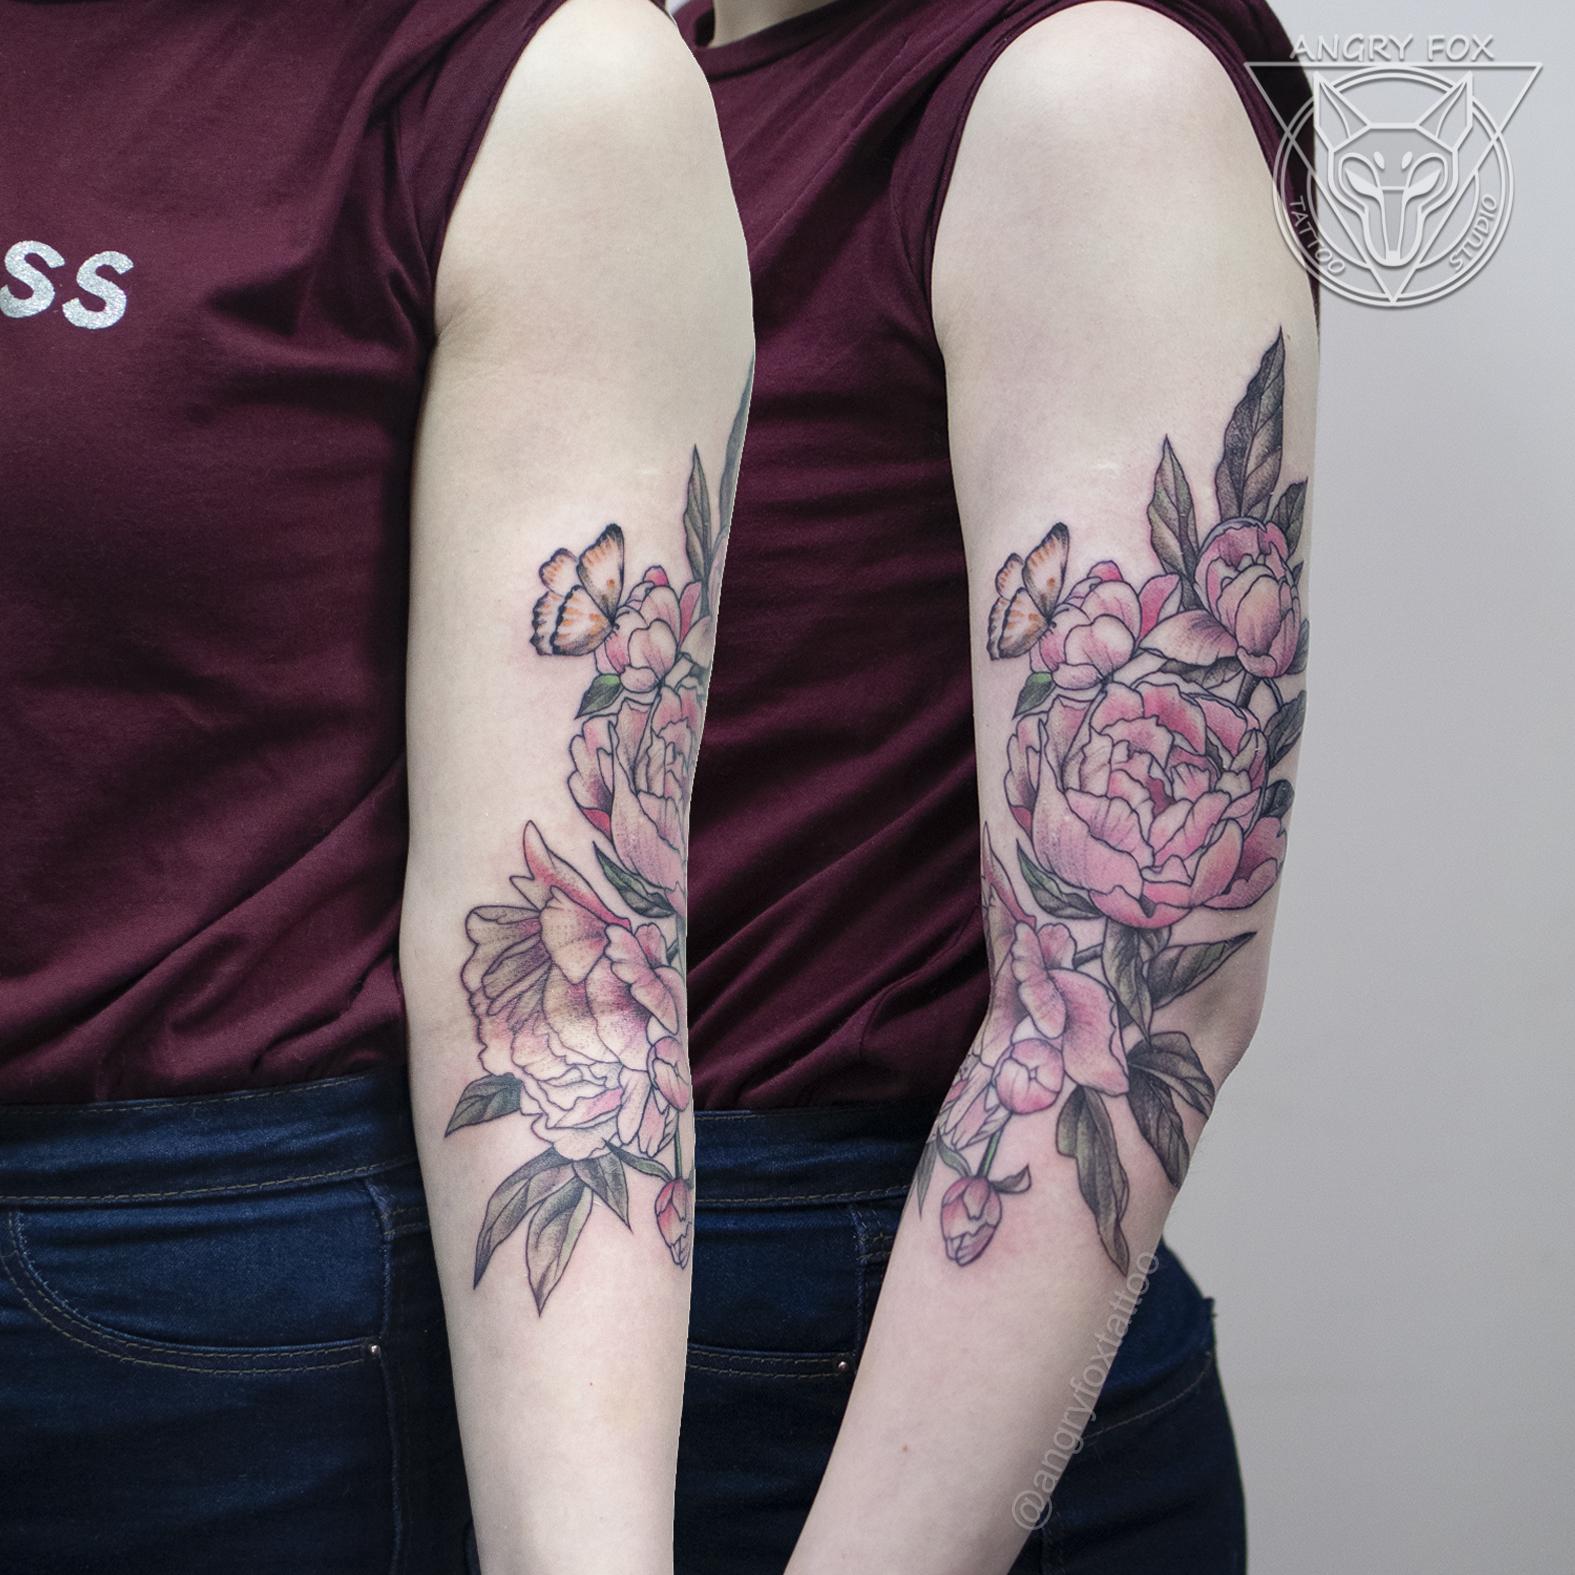 Татуировка, тату, девушка, плечо, предплечье, локоть, рука, пионы, графика, бабочка, листья